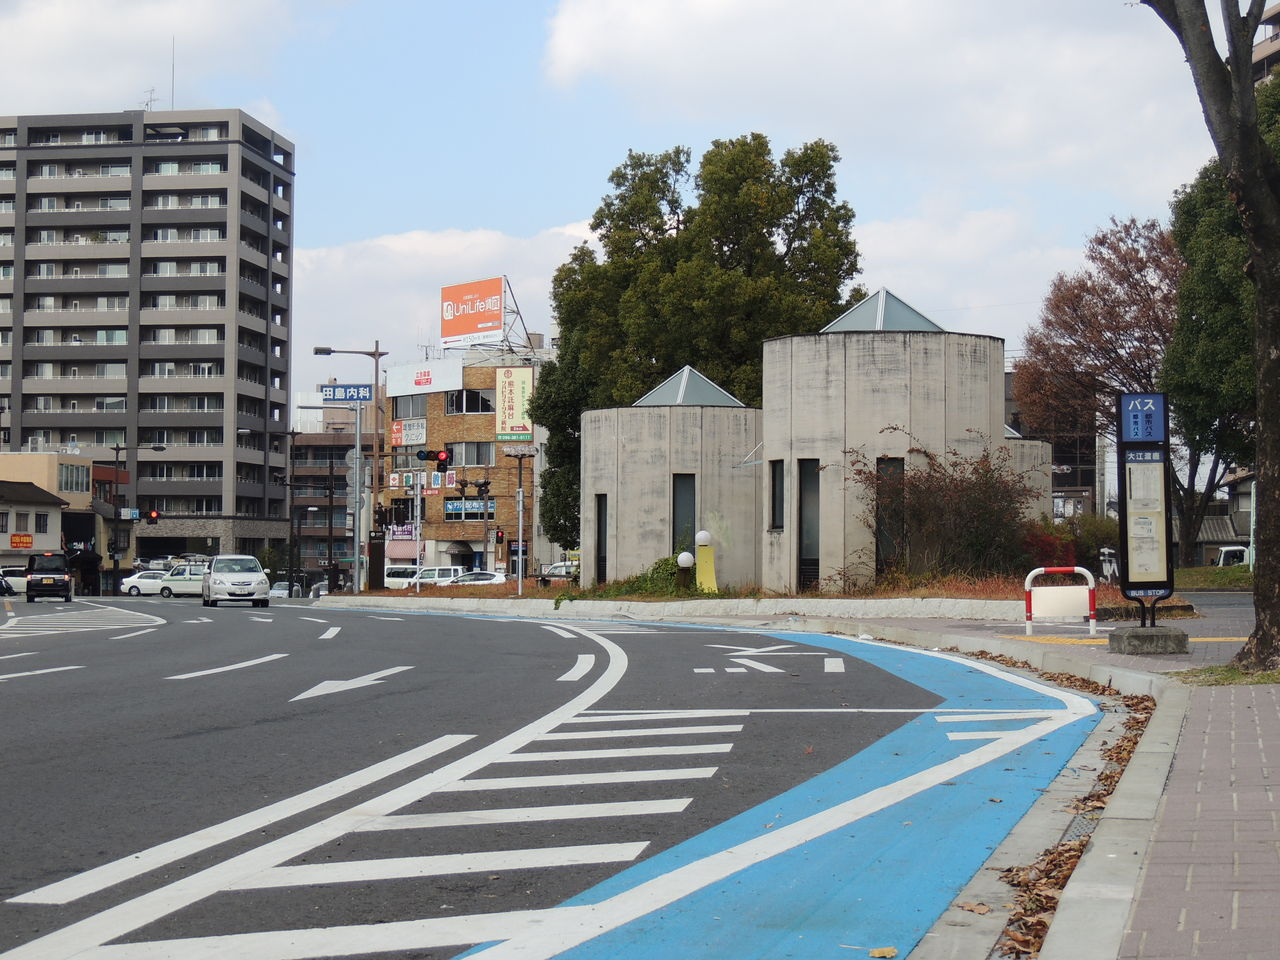 熊本初の自転車レーン : b_8chの ...